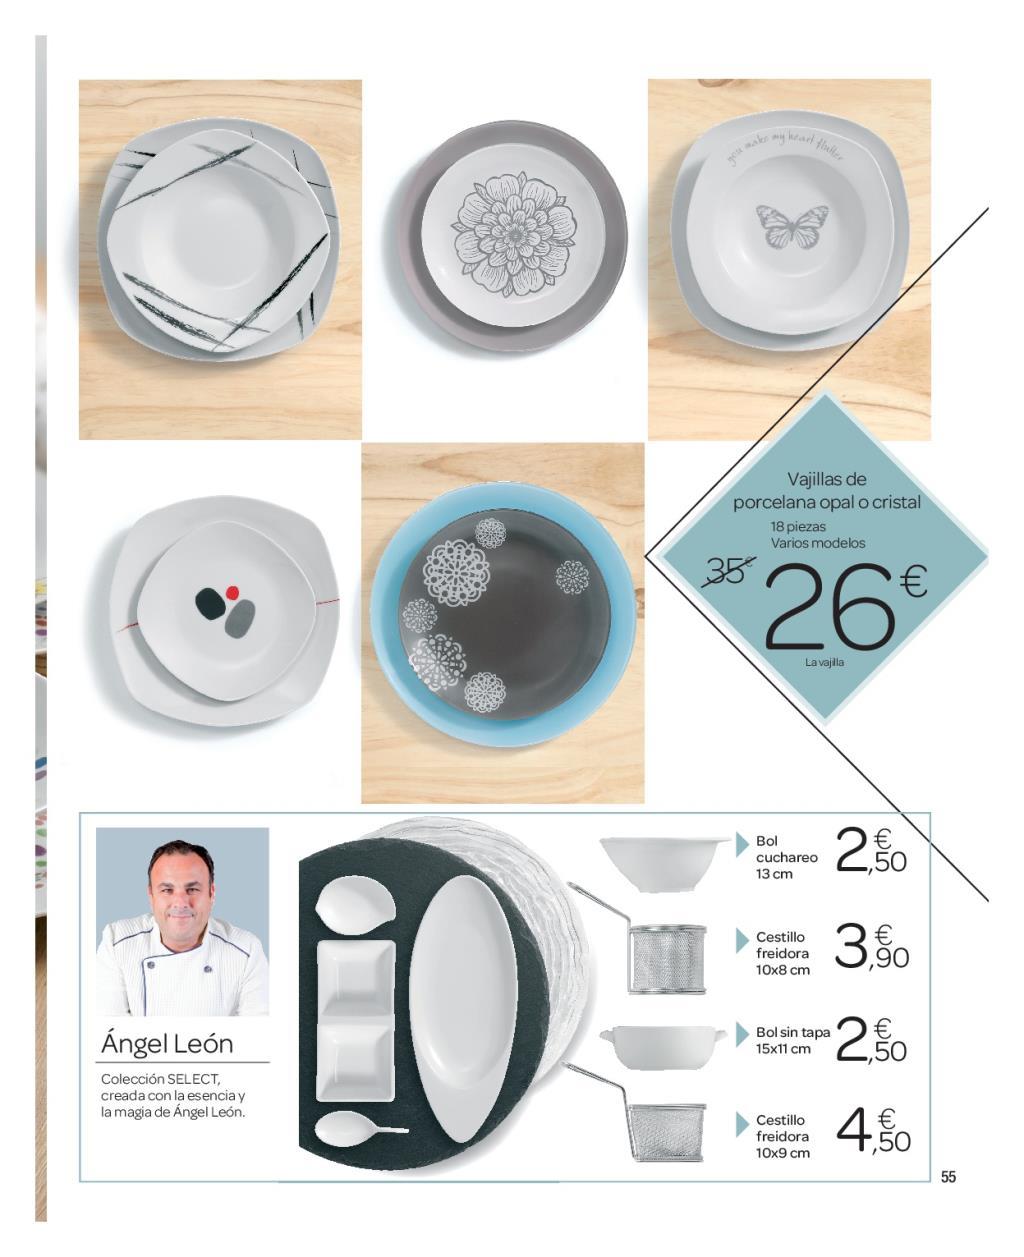 Iluminacion Baño Carrefour:Carrefour: catálogo de decoración 2016 (54/74)